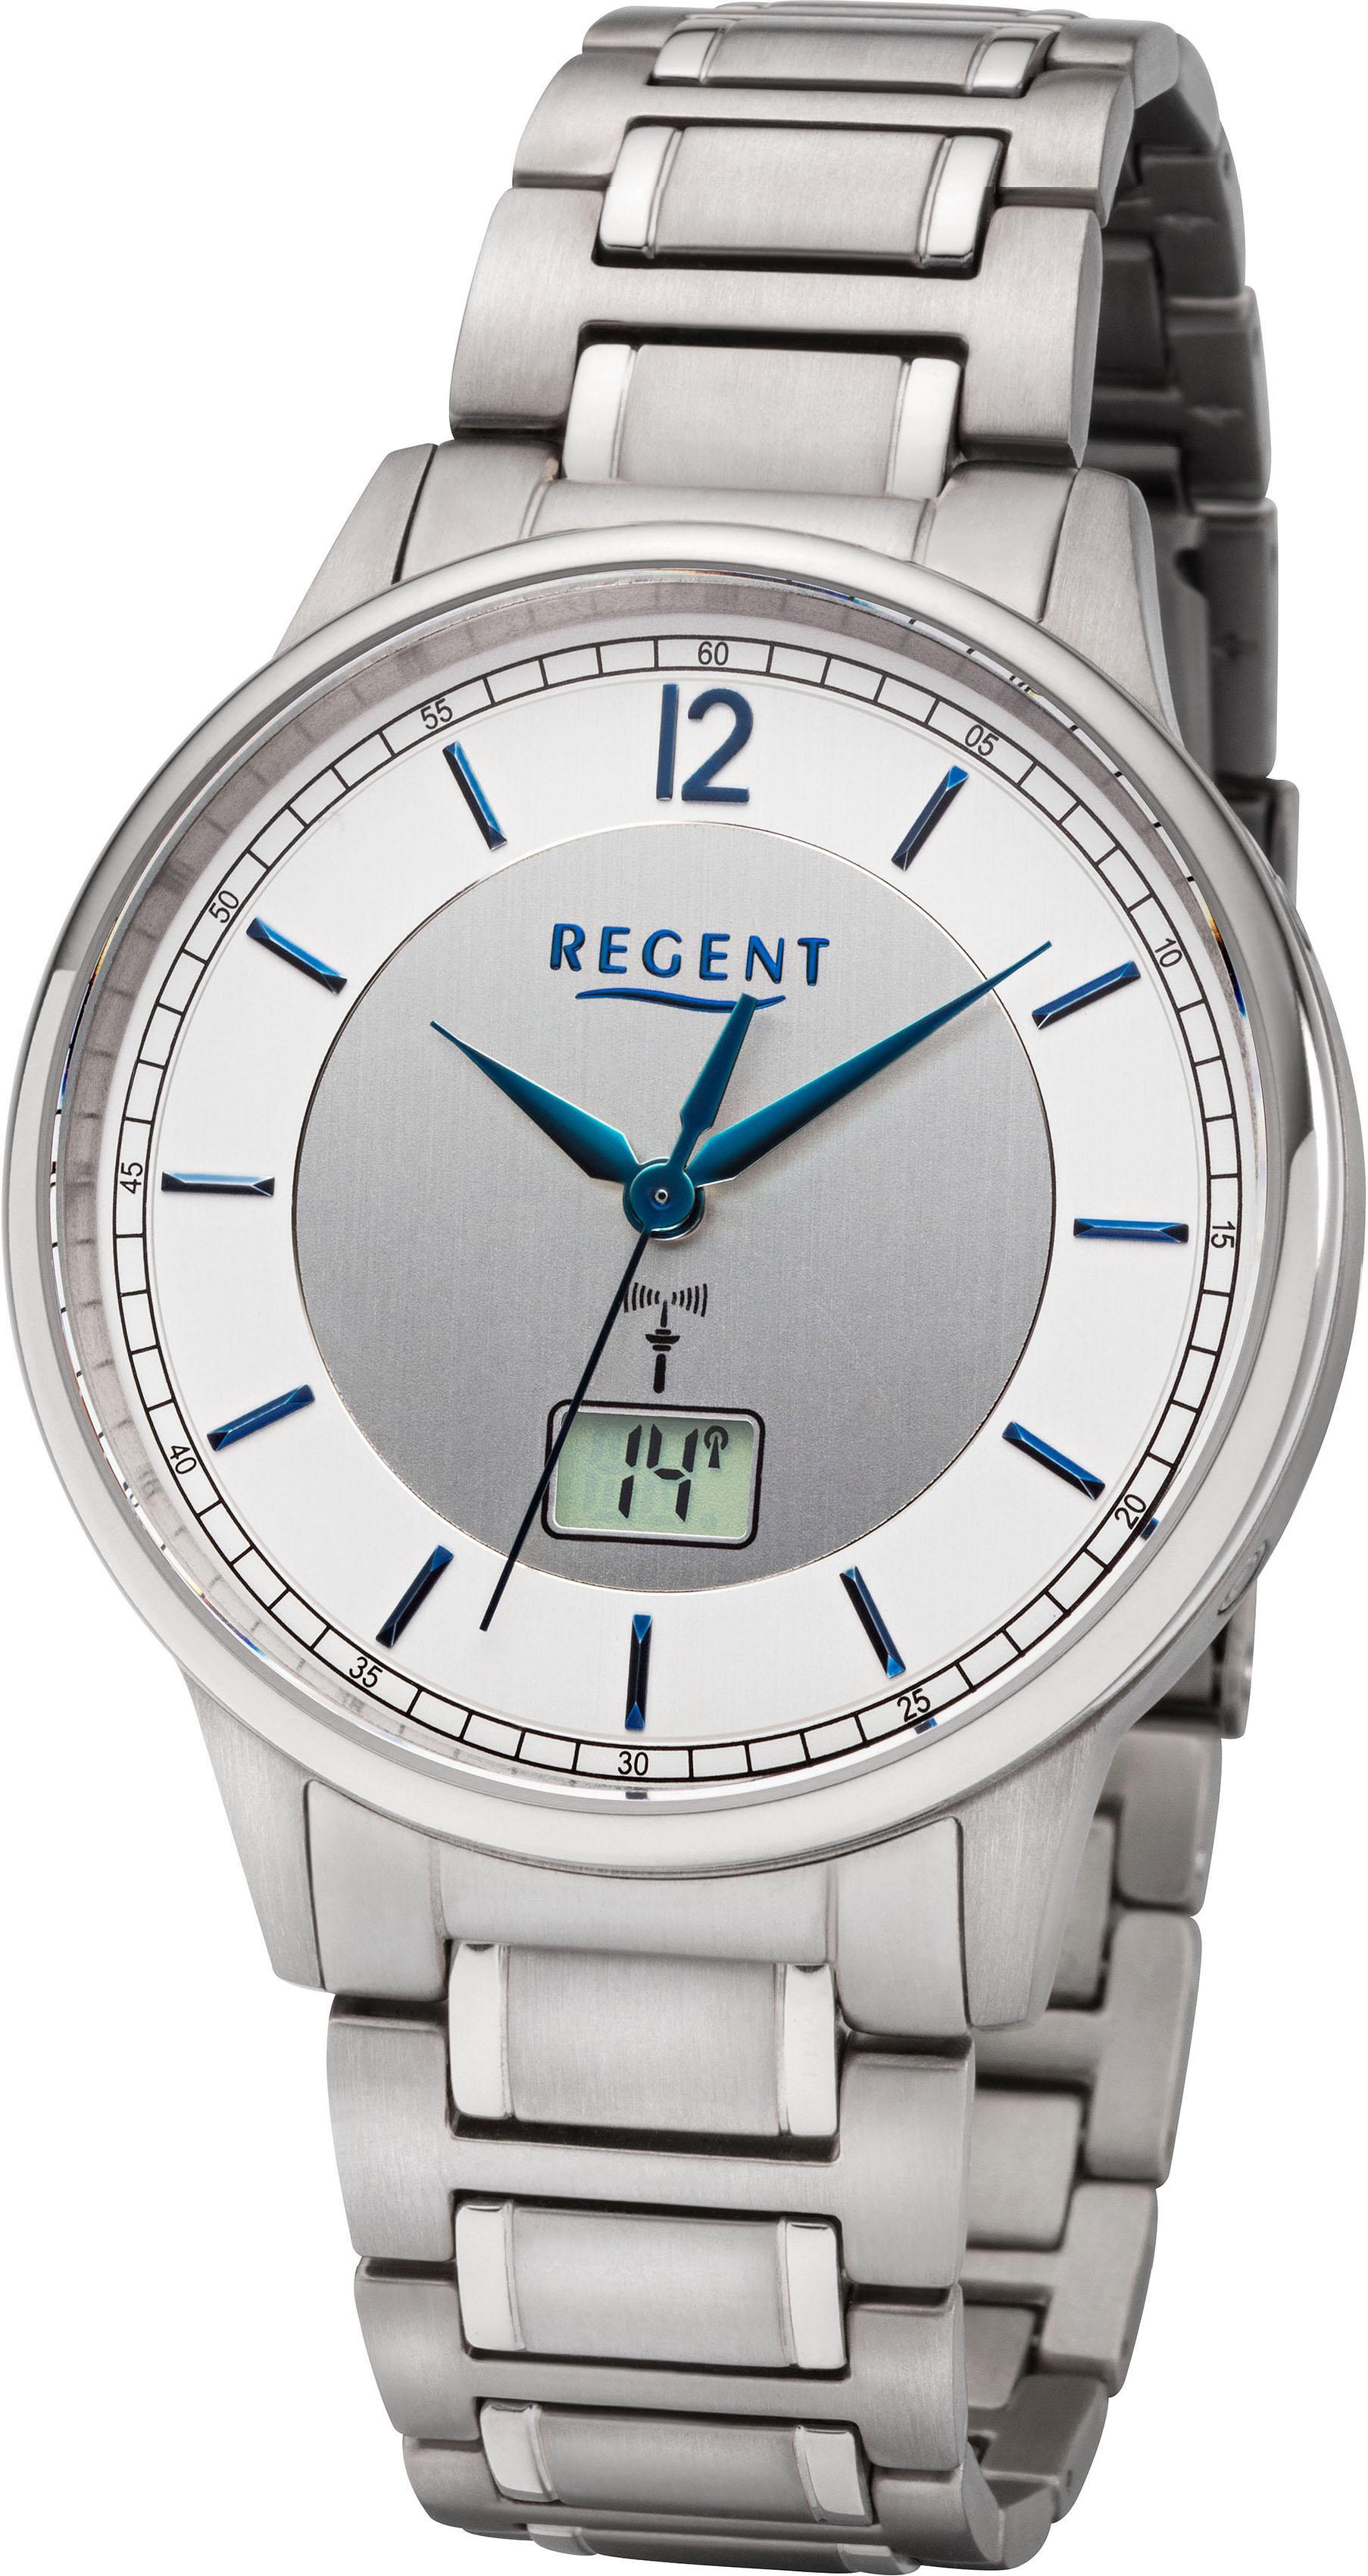 Regent Funkuhr 18569091 FR250 | Uhren > Funkuhren | Regent